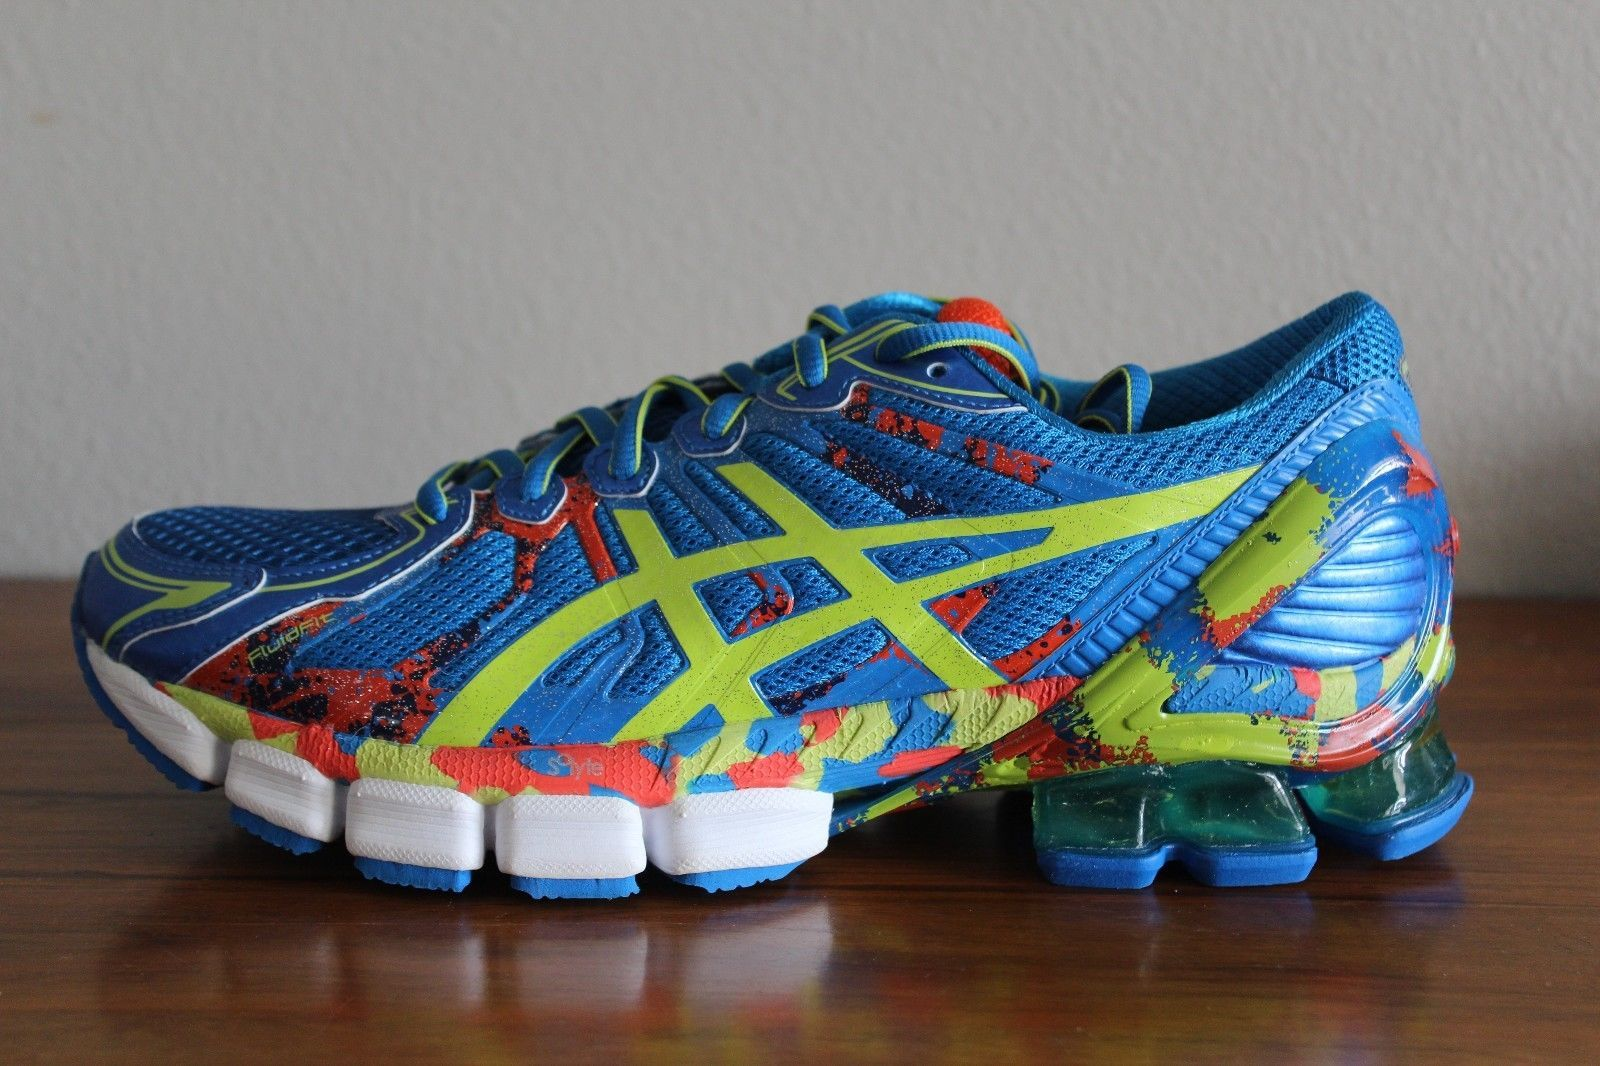 14 nouveaux hommes Asics GEL de SENDAI hommes 12 2 chaussures de course 8 12 BLUE LIME CHERRY 2ddda29 - coconutrecipe.info